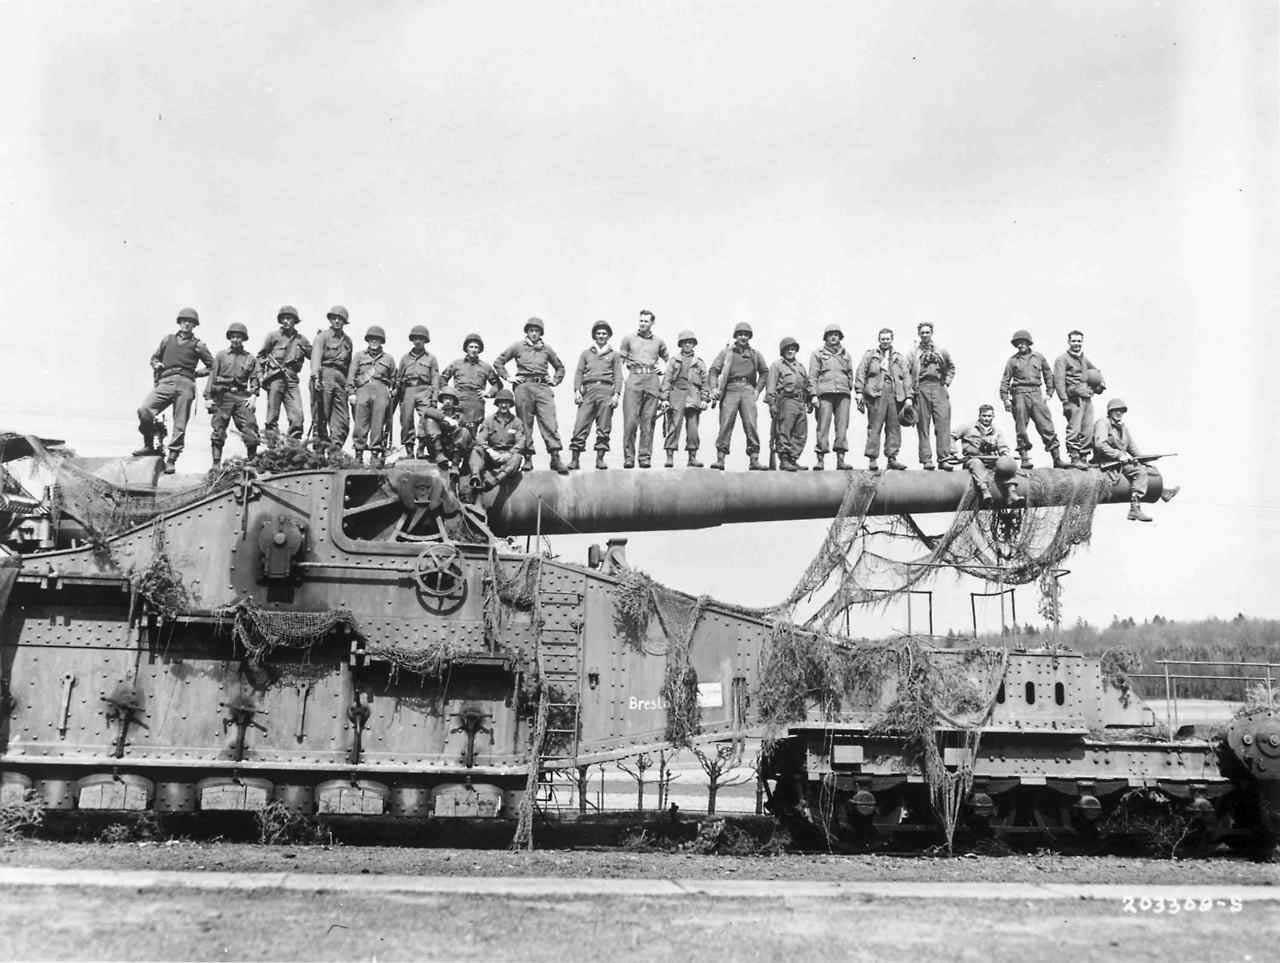 280-мм пушка K5 (E) ведет огонь по Англии со своей позиции в Па-де-Кале. Хотя немецкие пушки на железнодорожных транспортерах легко могли стрелять на 35 км — ширину Английского канала, на такой большой дальности они не могли вести огонь по военным целям с приемлемой точностью.